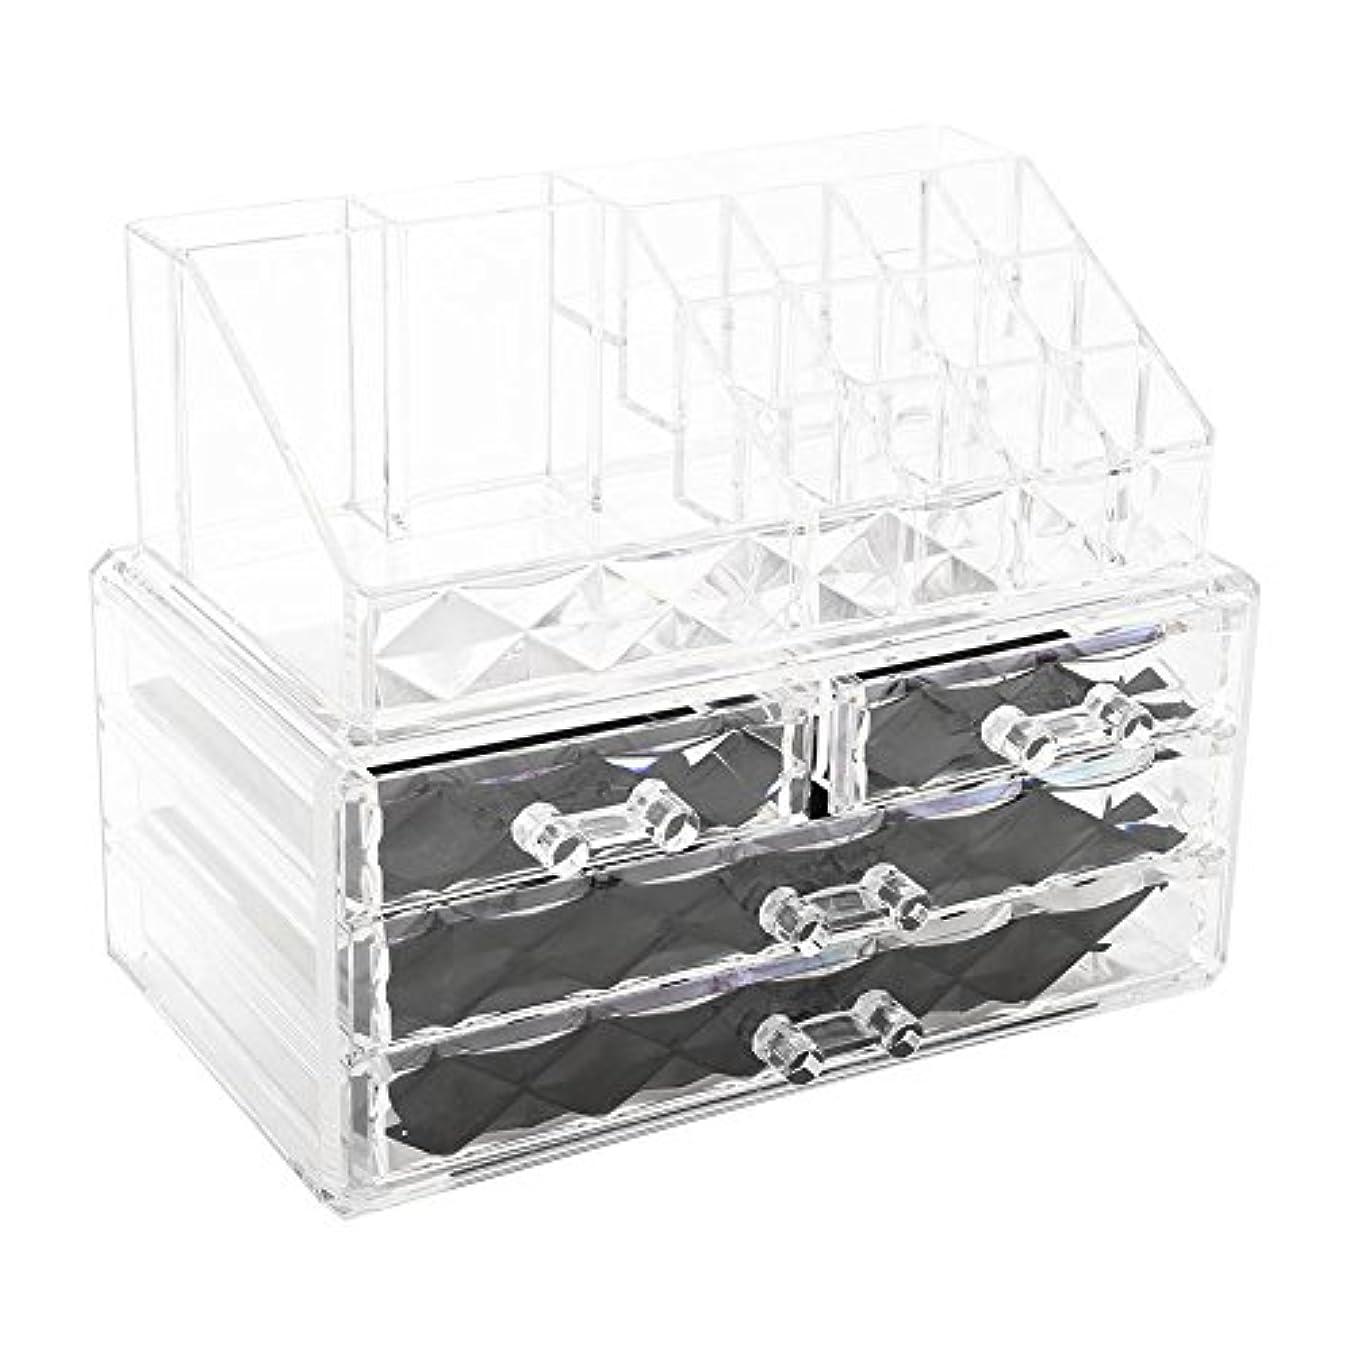 伝統ラッチとても多くの化粧品収納ボックス アクリル製 2段式 三つ引き出し 大容量 多機能 丈夫 耐用 防塵 高透明度 化粧道具 小物入れ 化粧品入れ コスメ収納スタンド(2色) (透明)